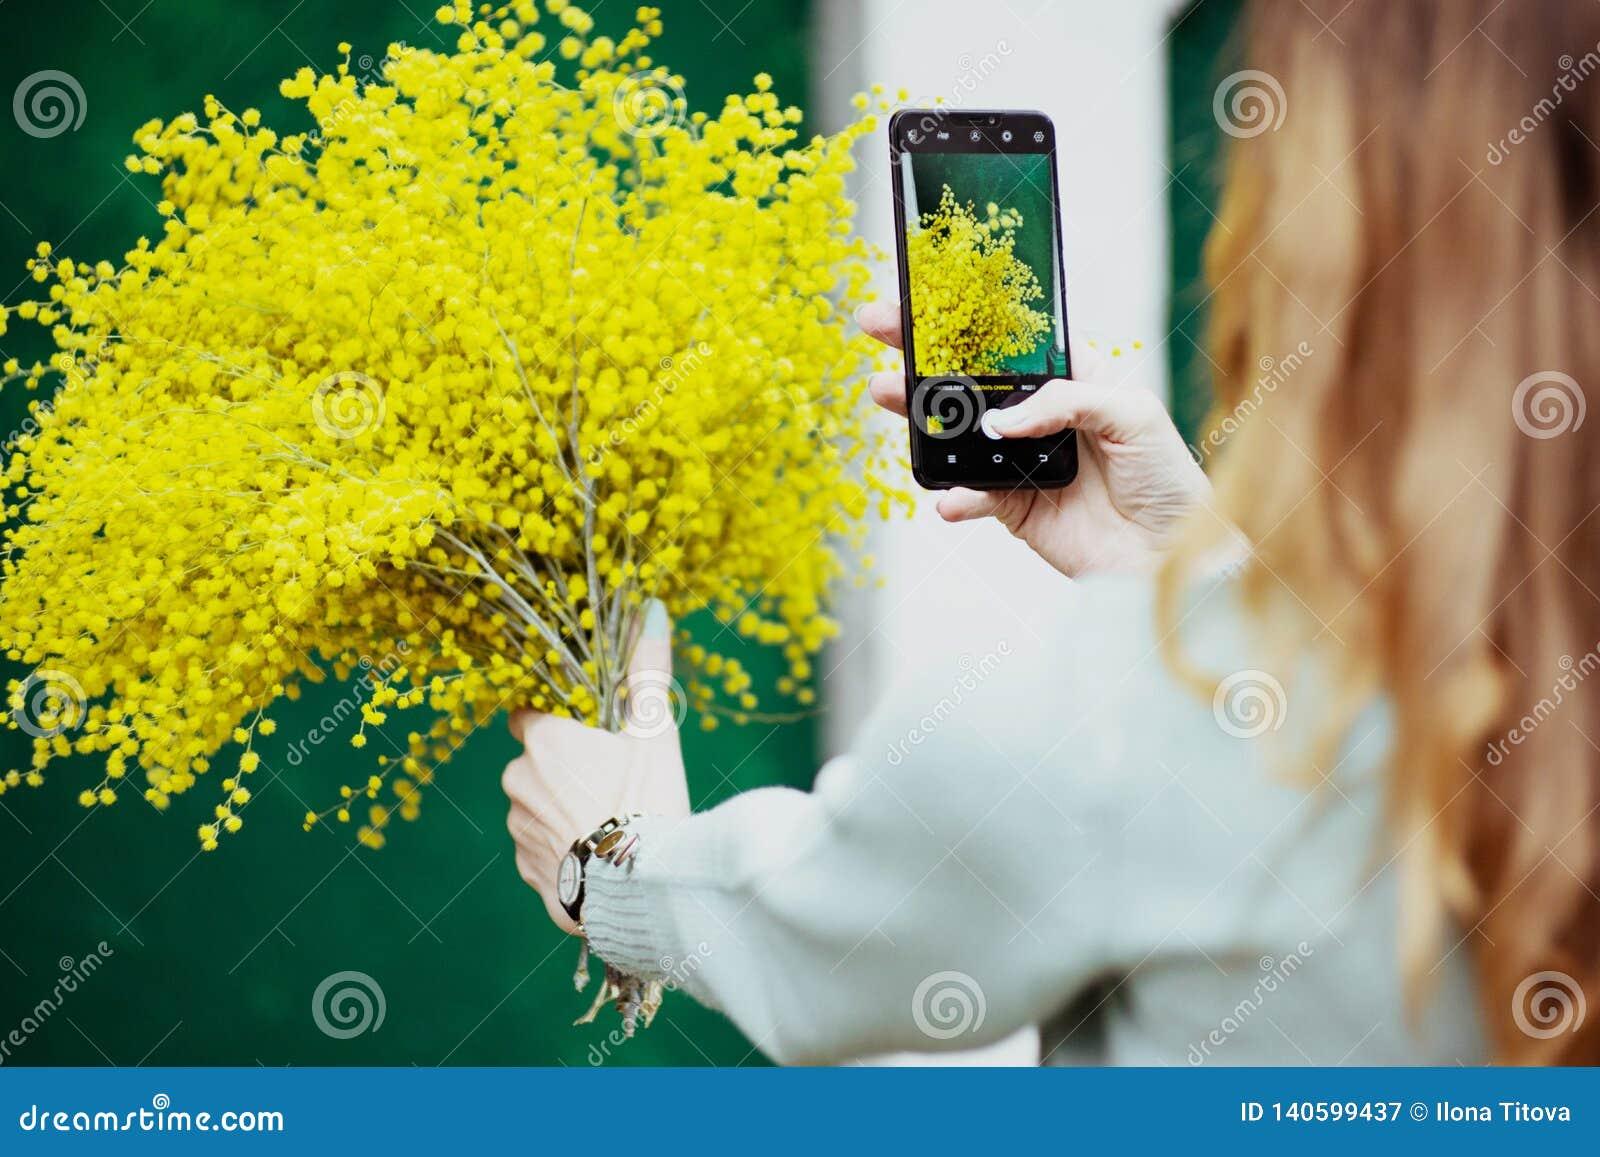 Fotografias da menina seu ramalhete no telefone, imagem, tecnologia, feriado